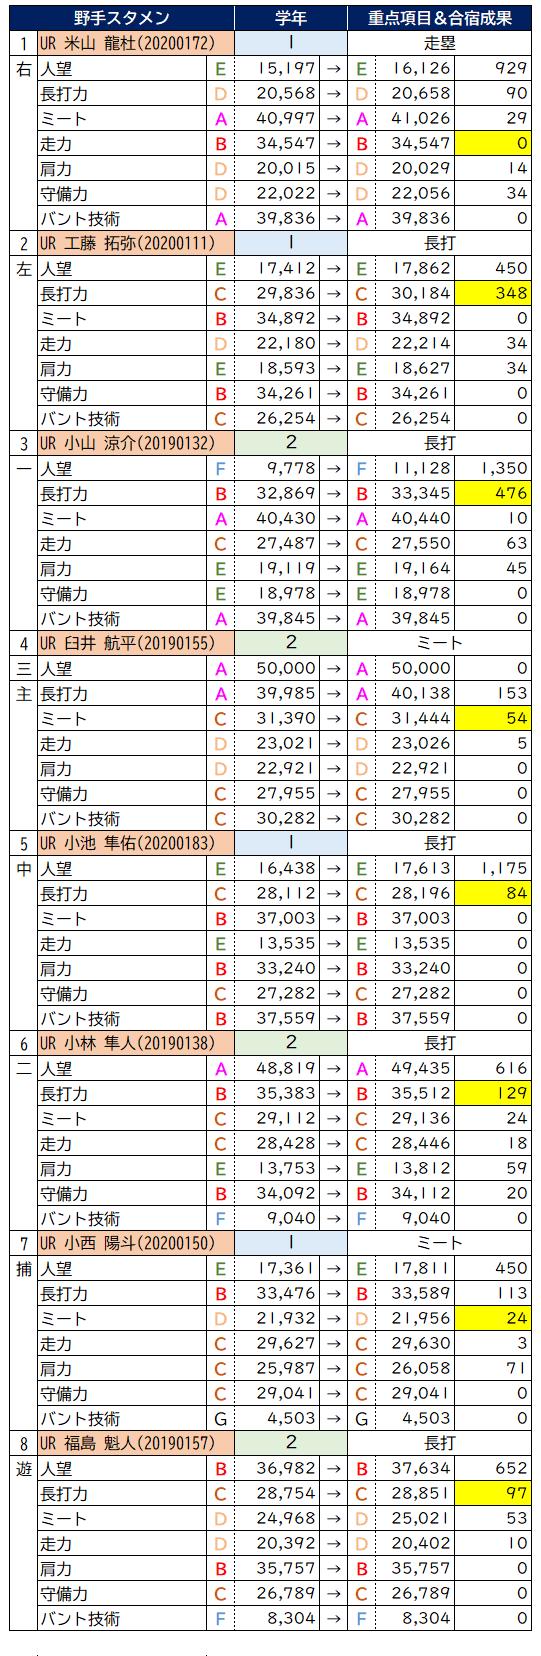 冬合宿2020スタメン